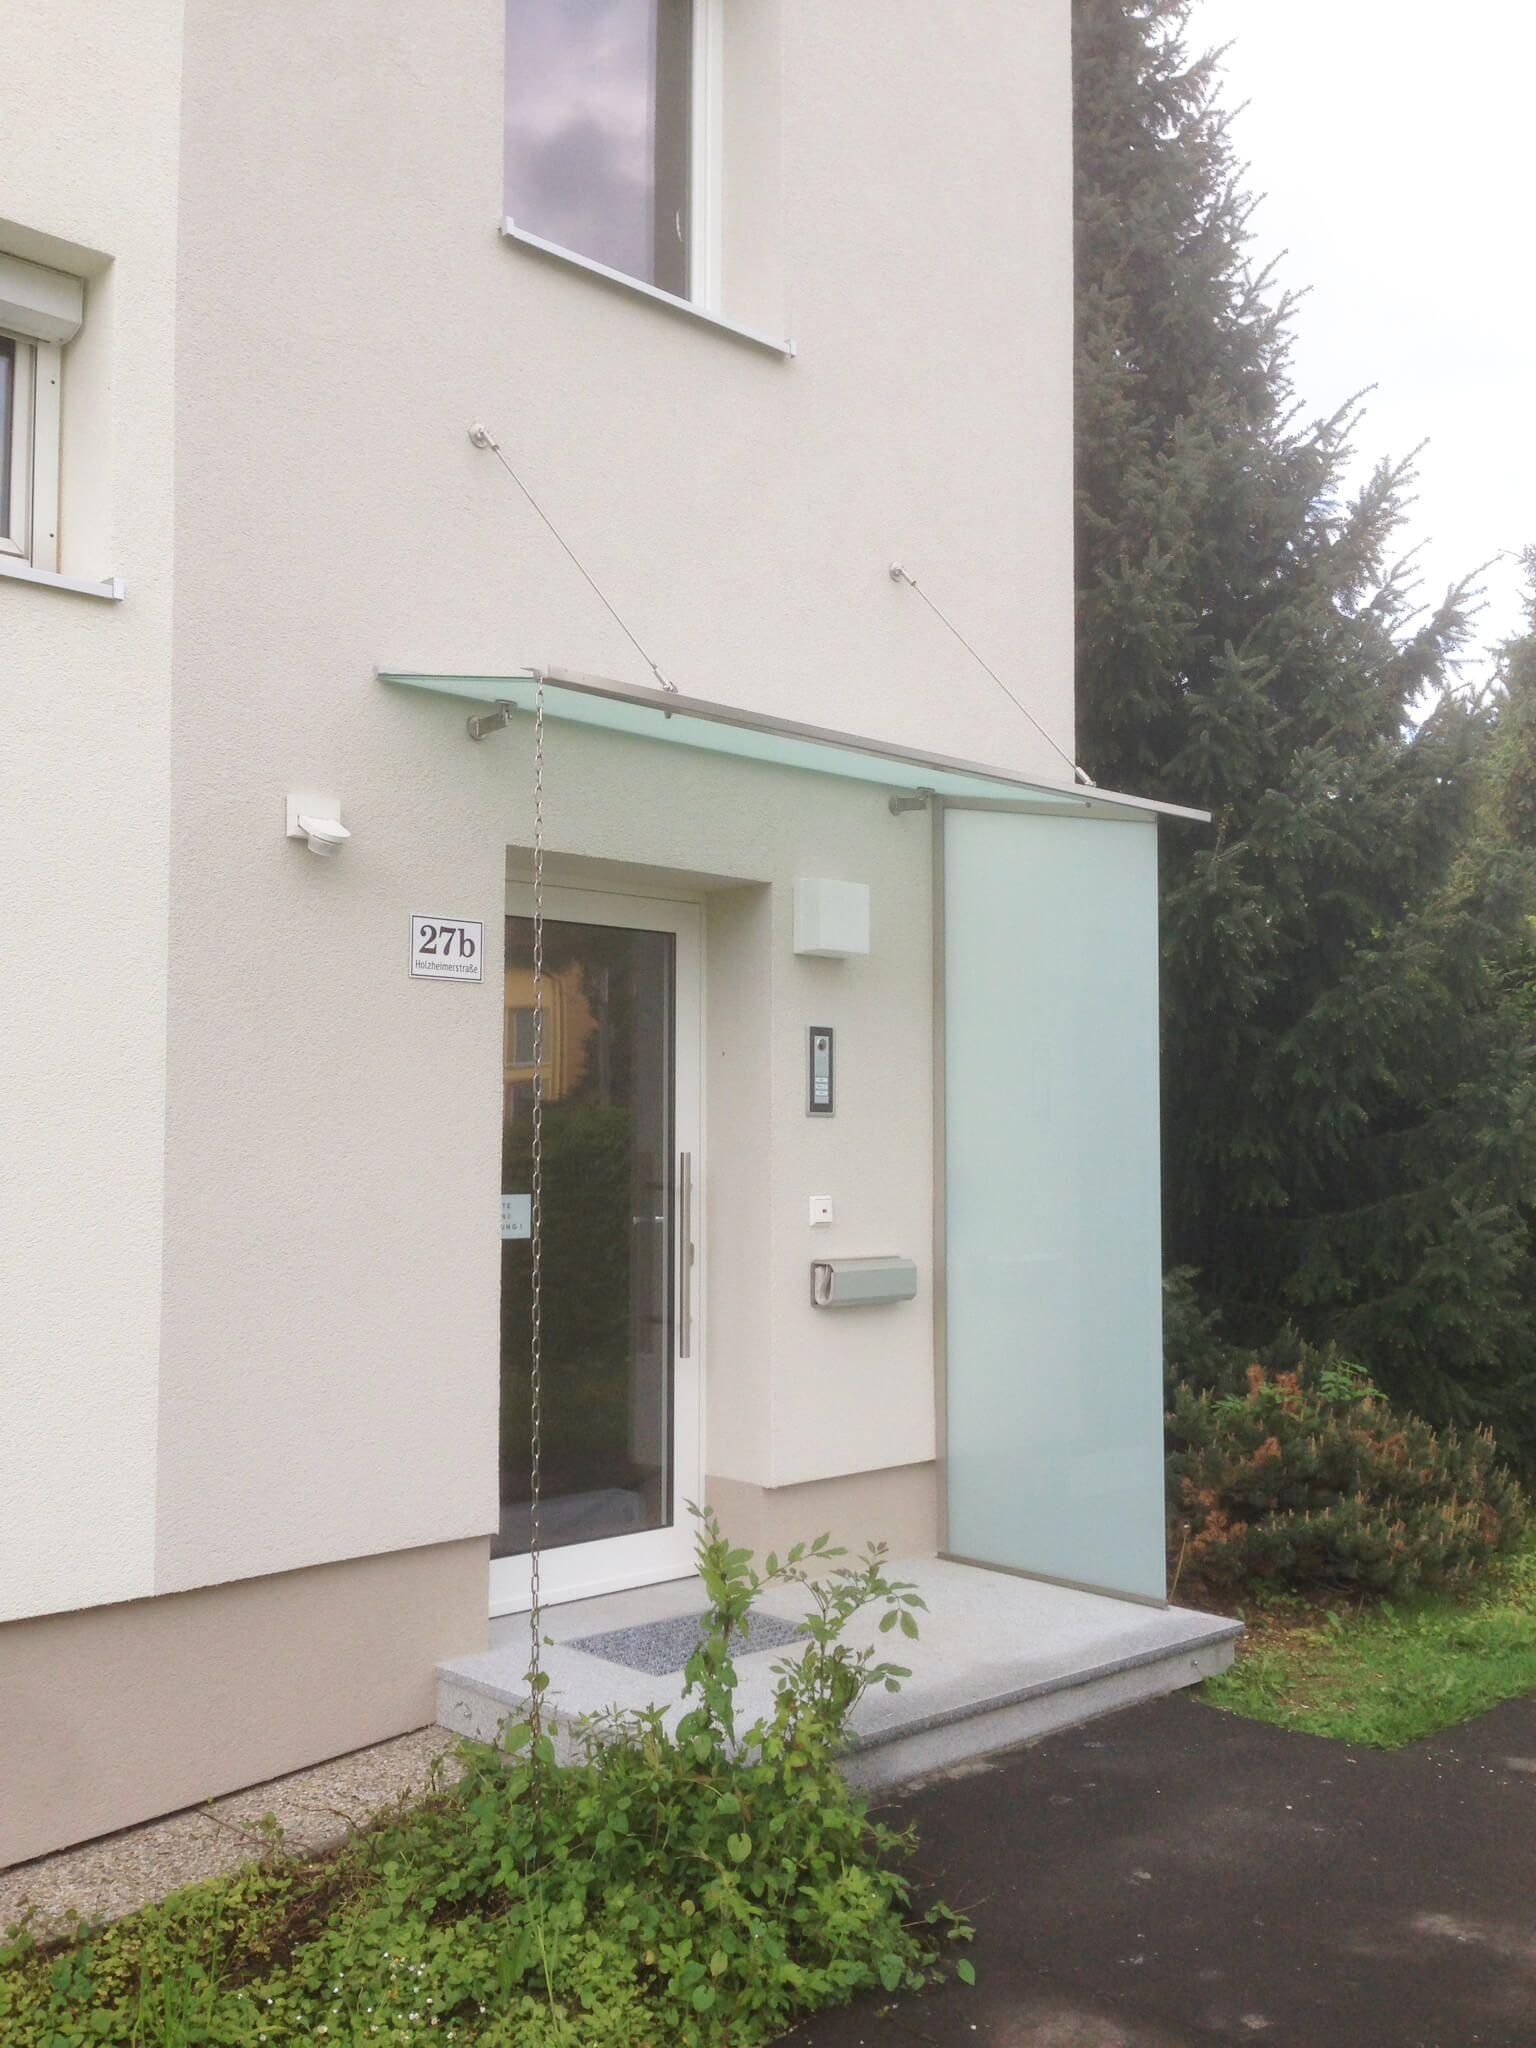 Vordach Hauseingang Mit Seitenteil In